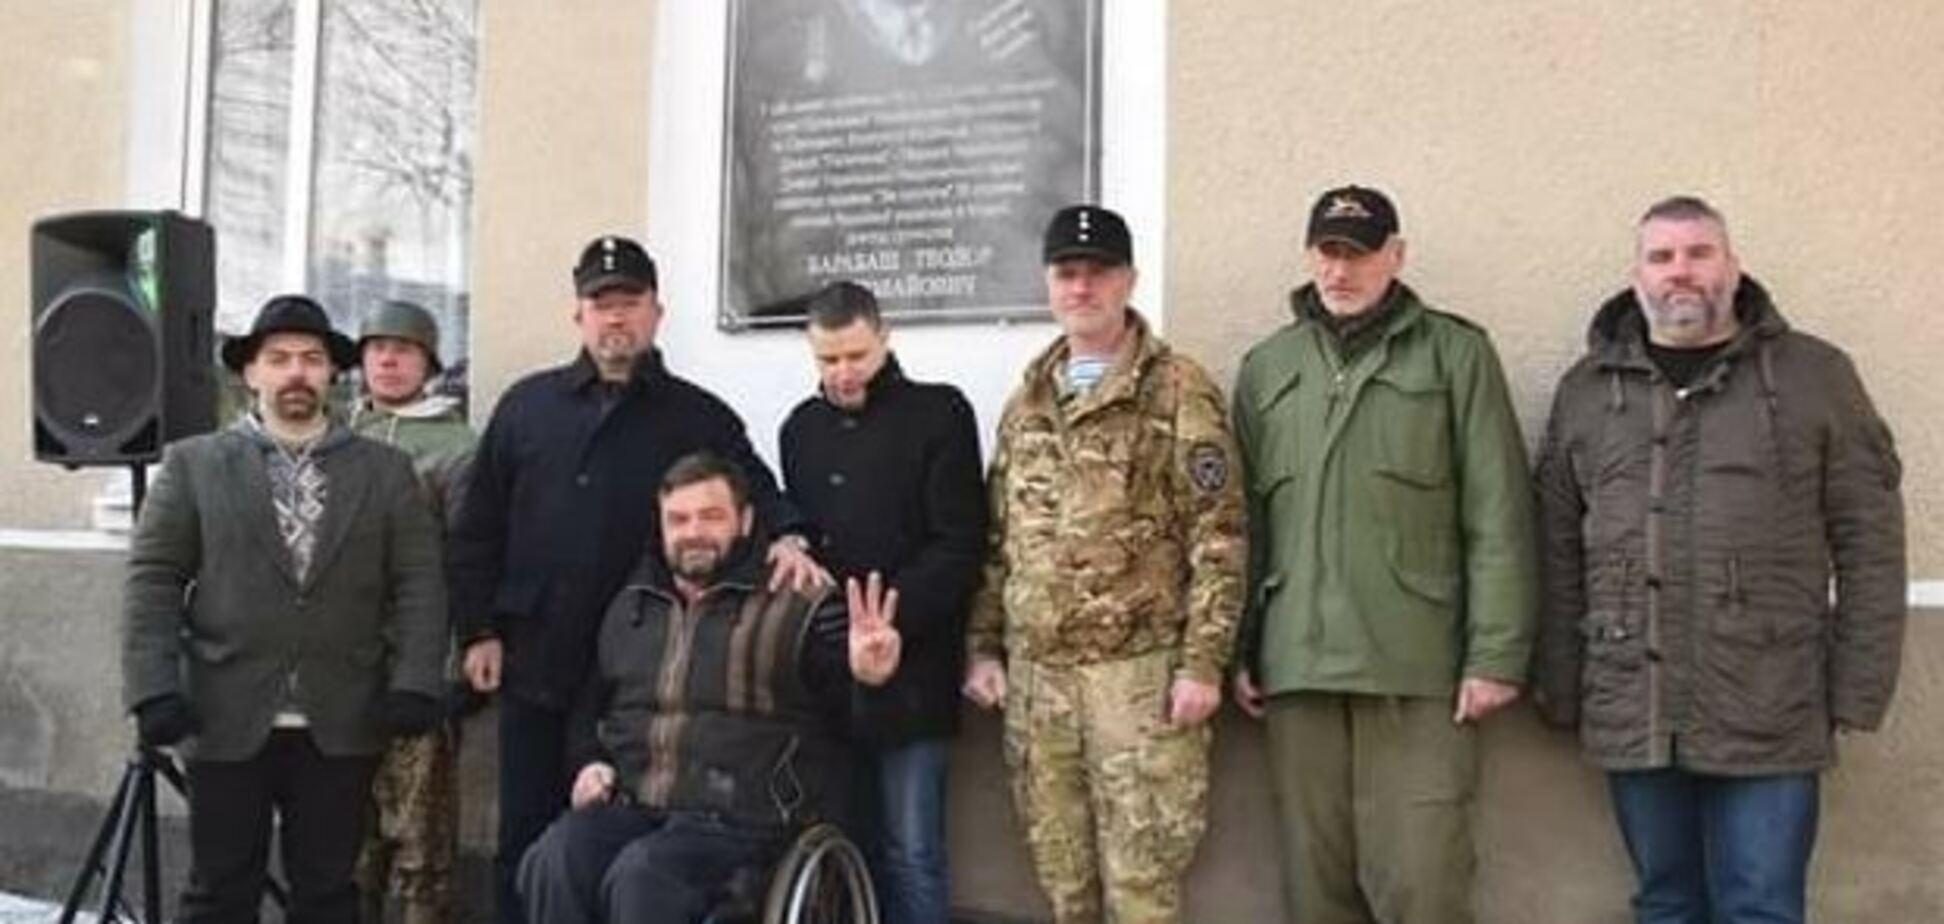 'Оставьте Украину в покое!' Российский блогер угодил в скандал из-за СС 'Галичина'